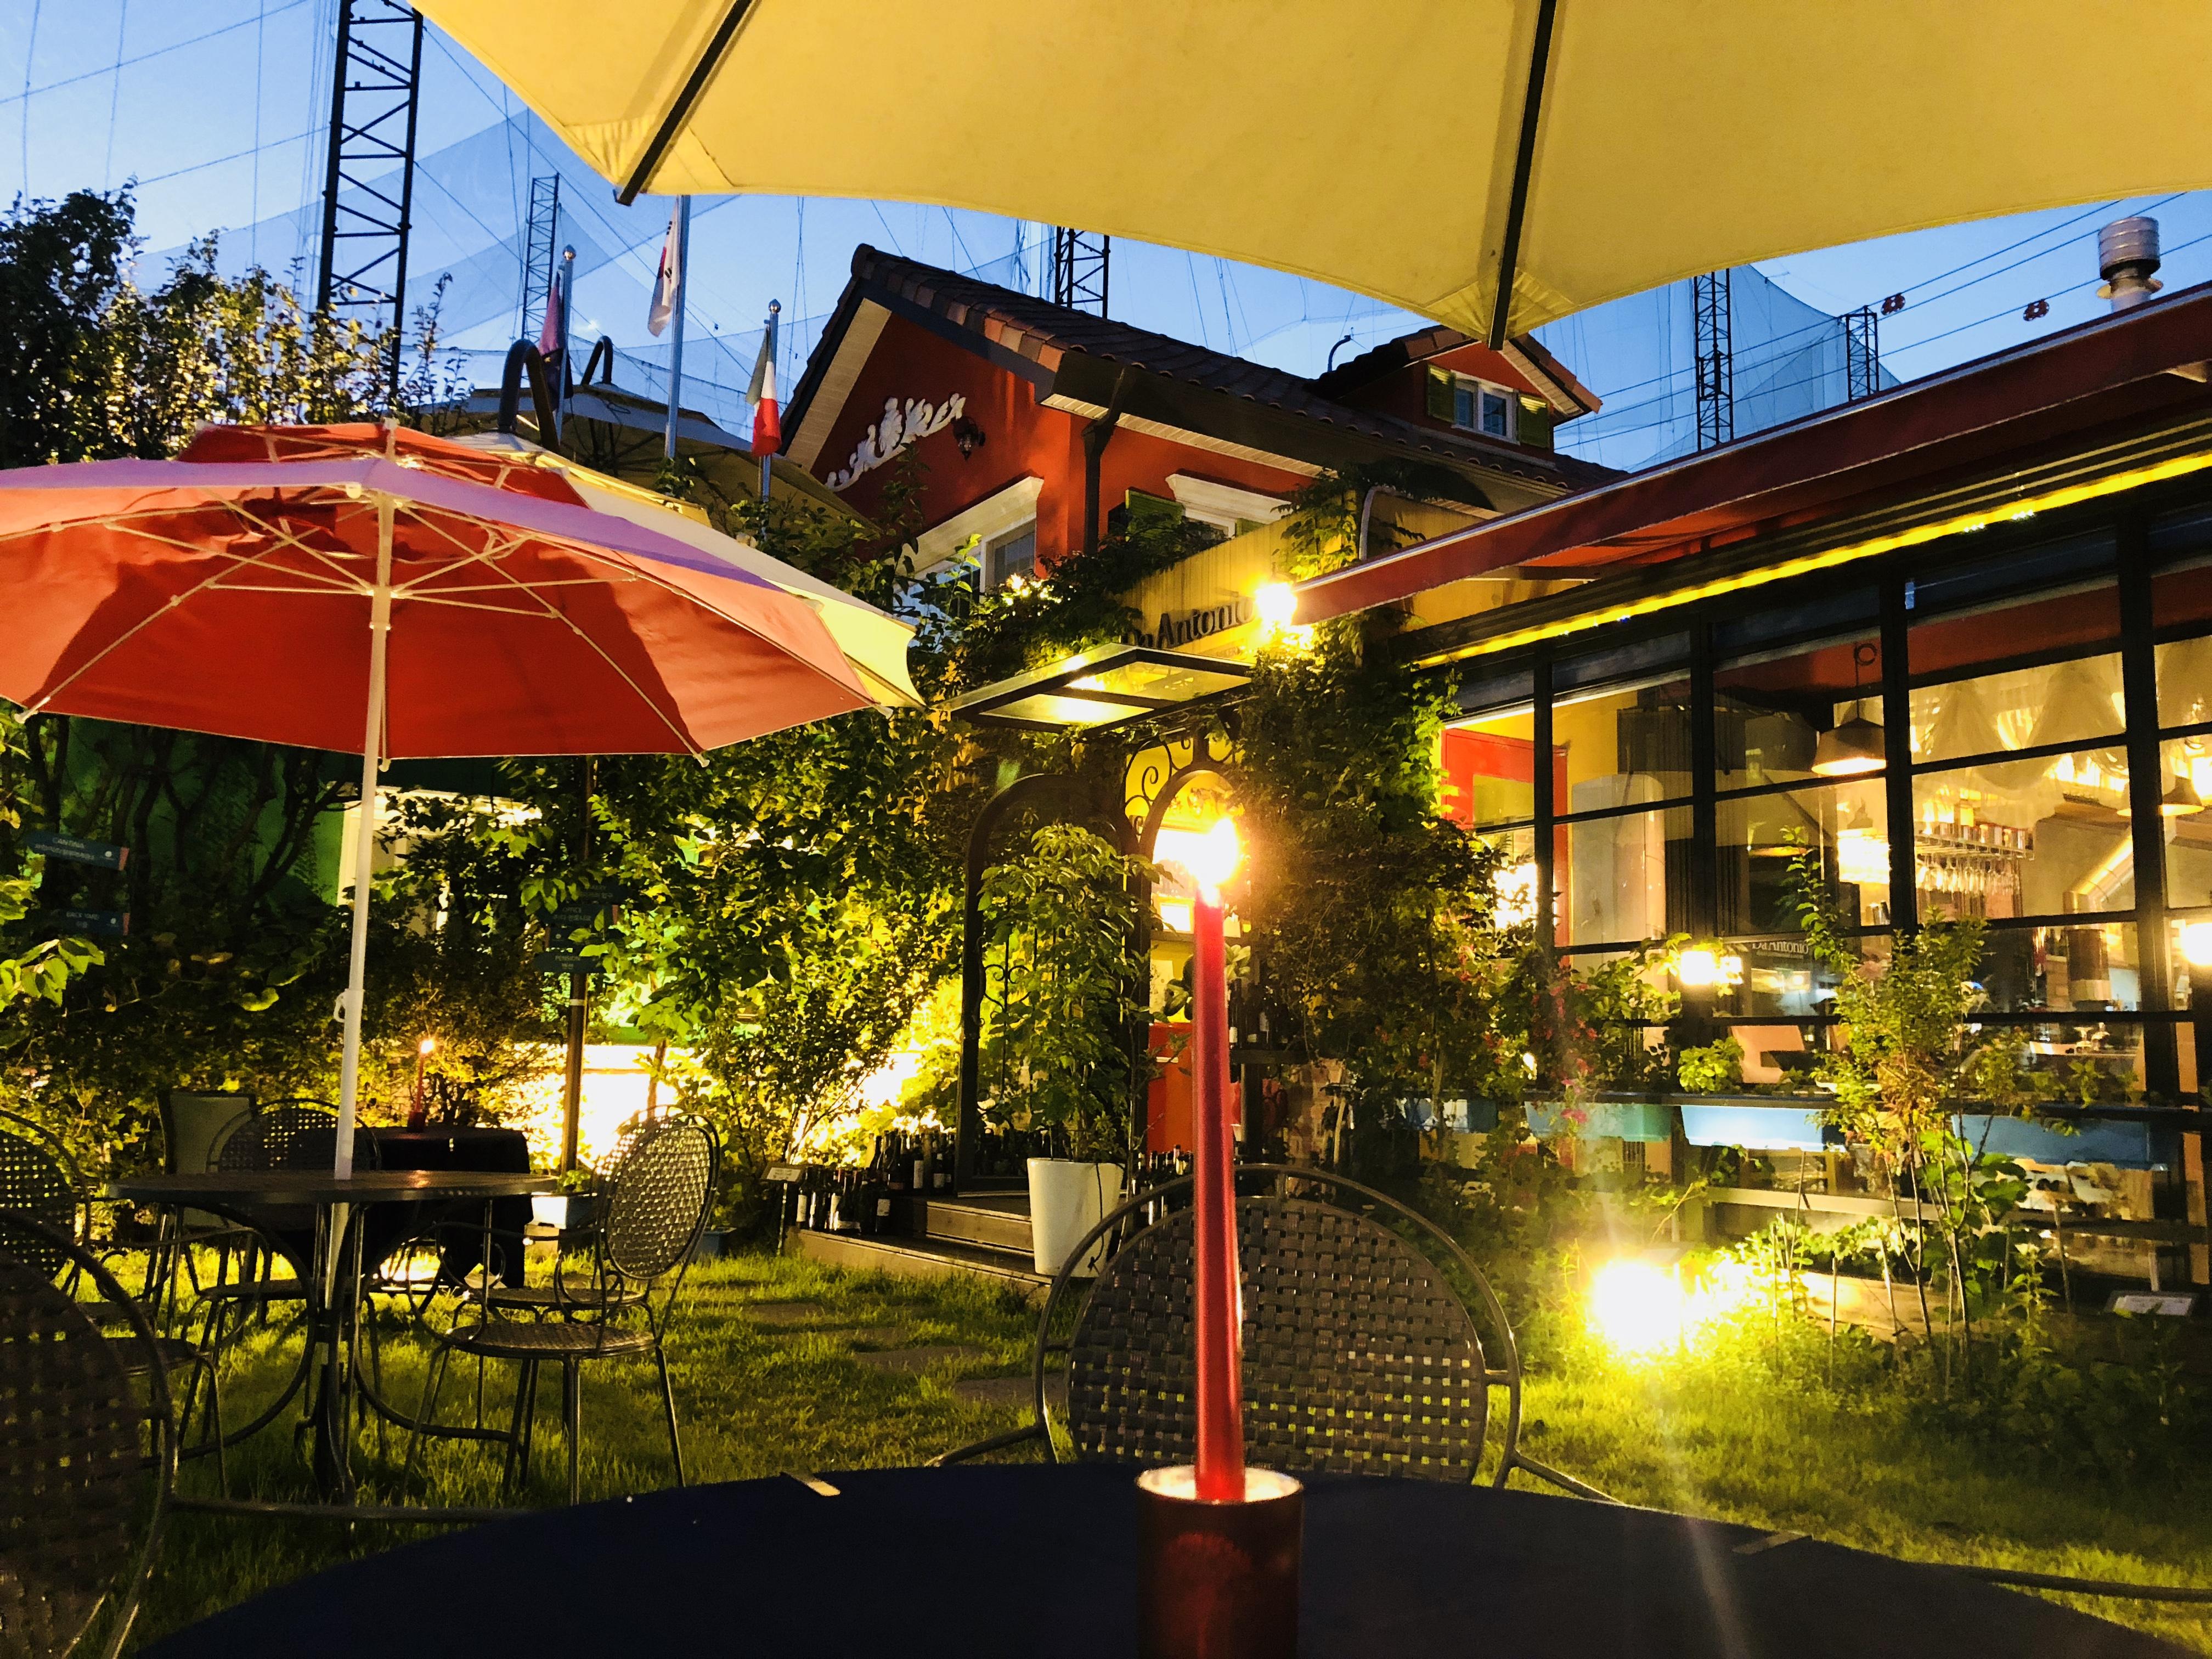 늦은 밤의 야외 정원